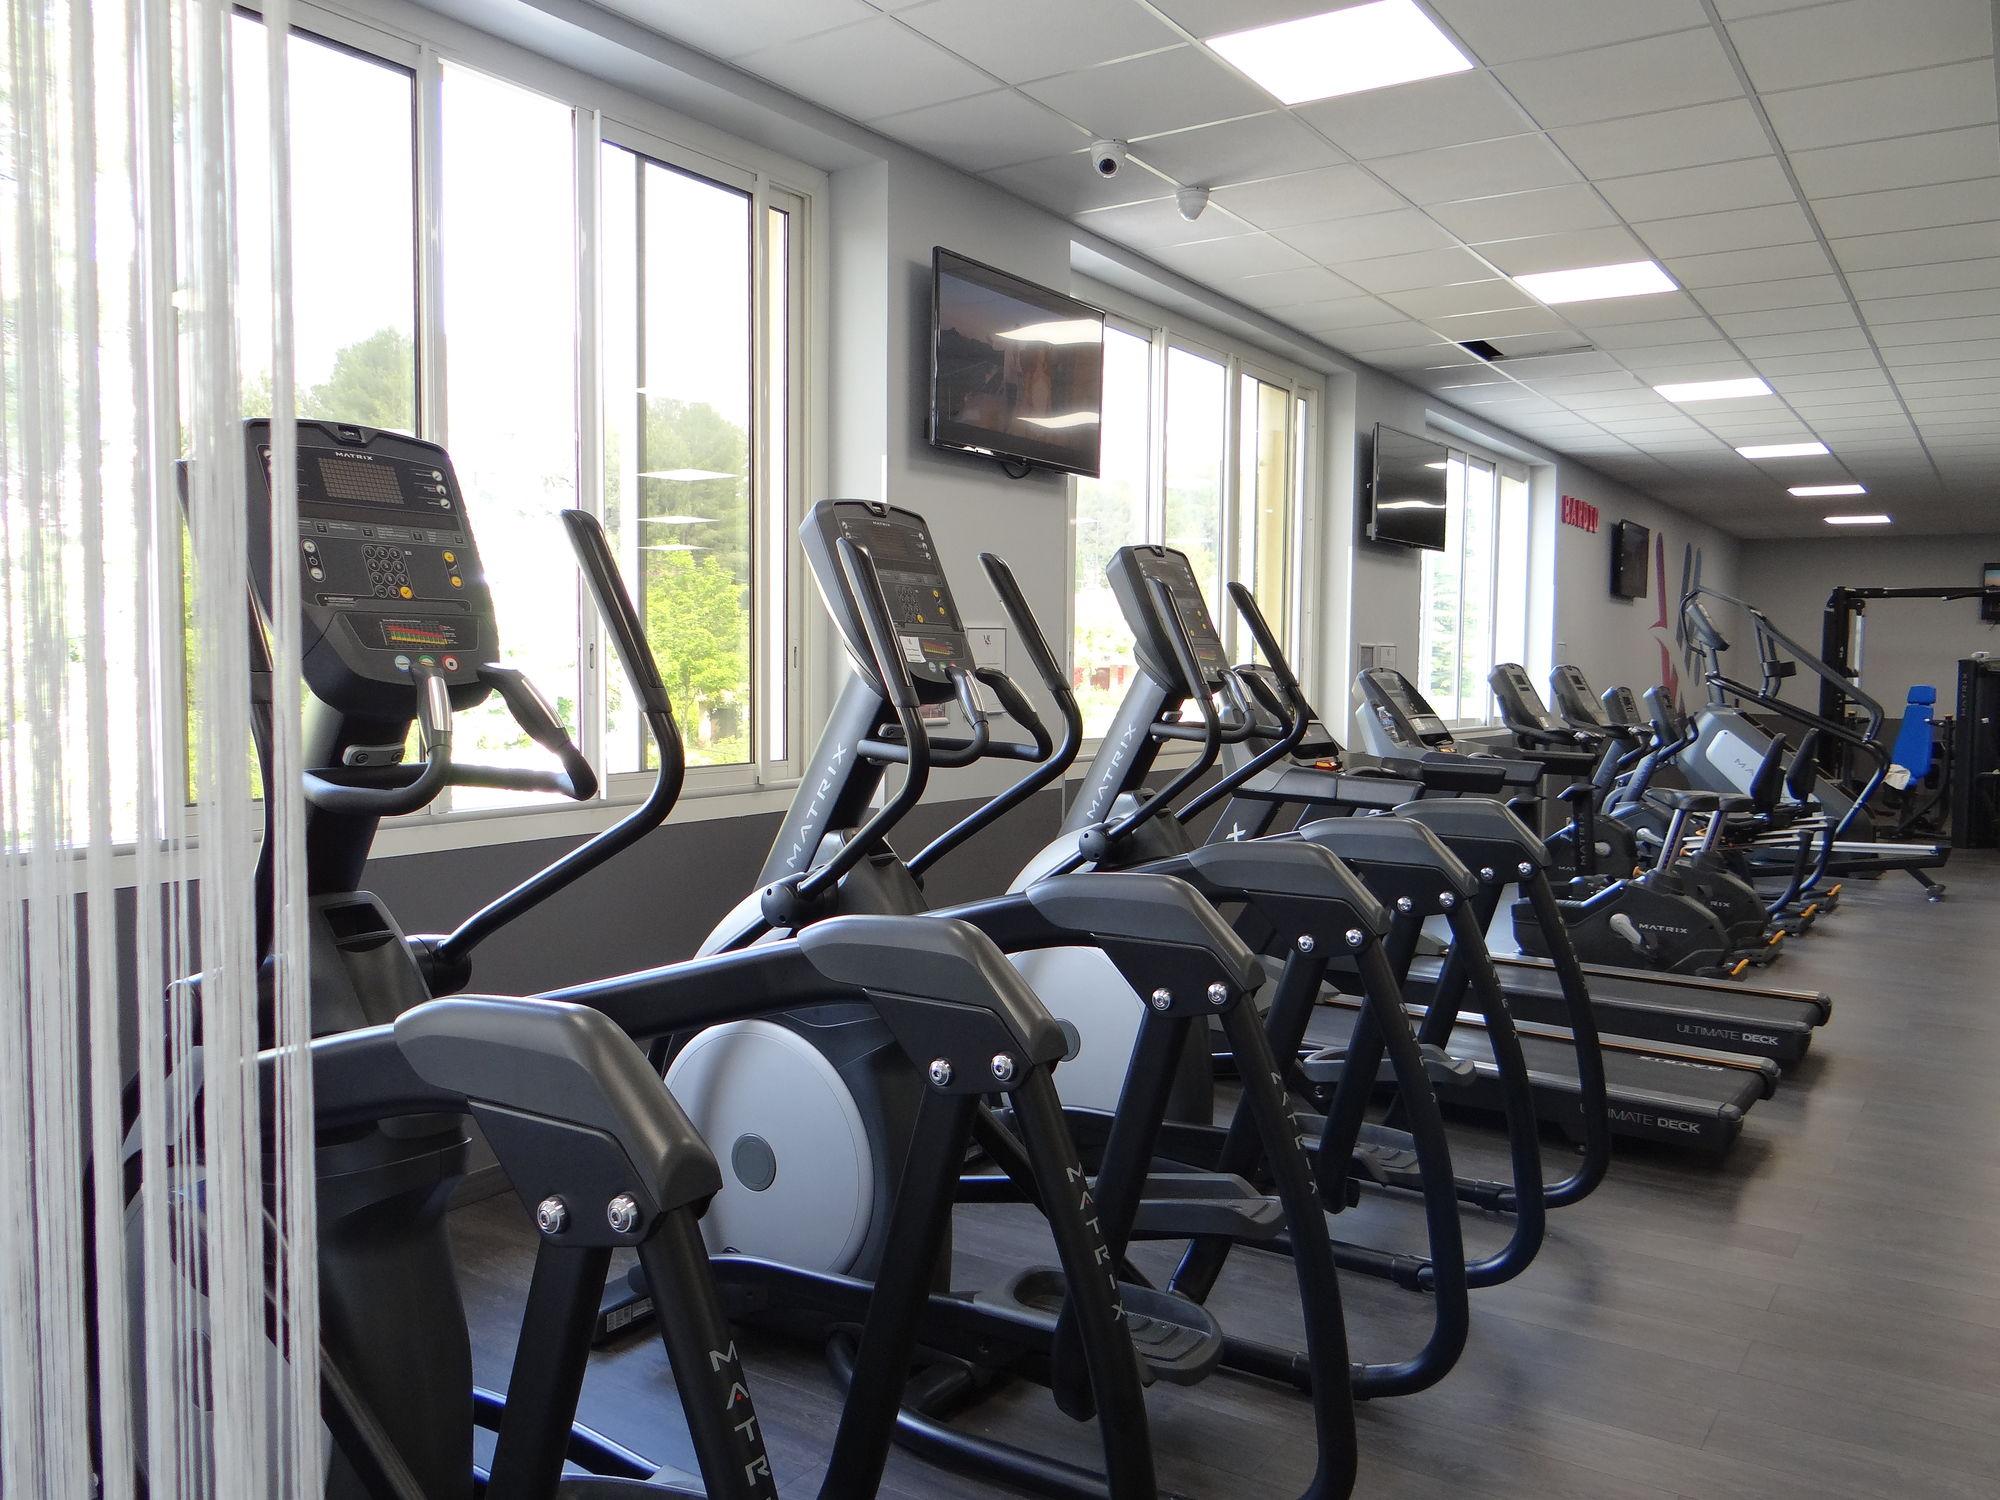 Salle de sport VIta liberté la Destrousse cardio